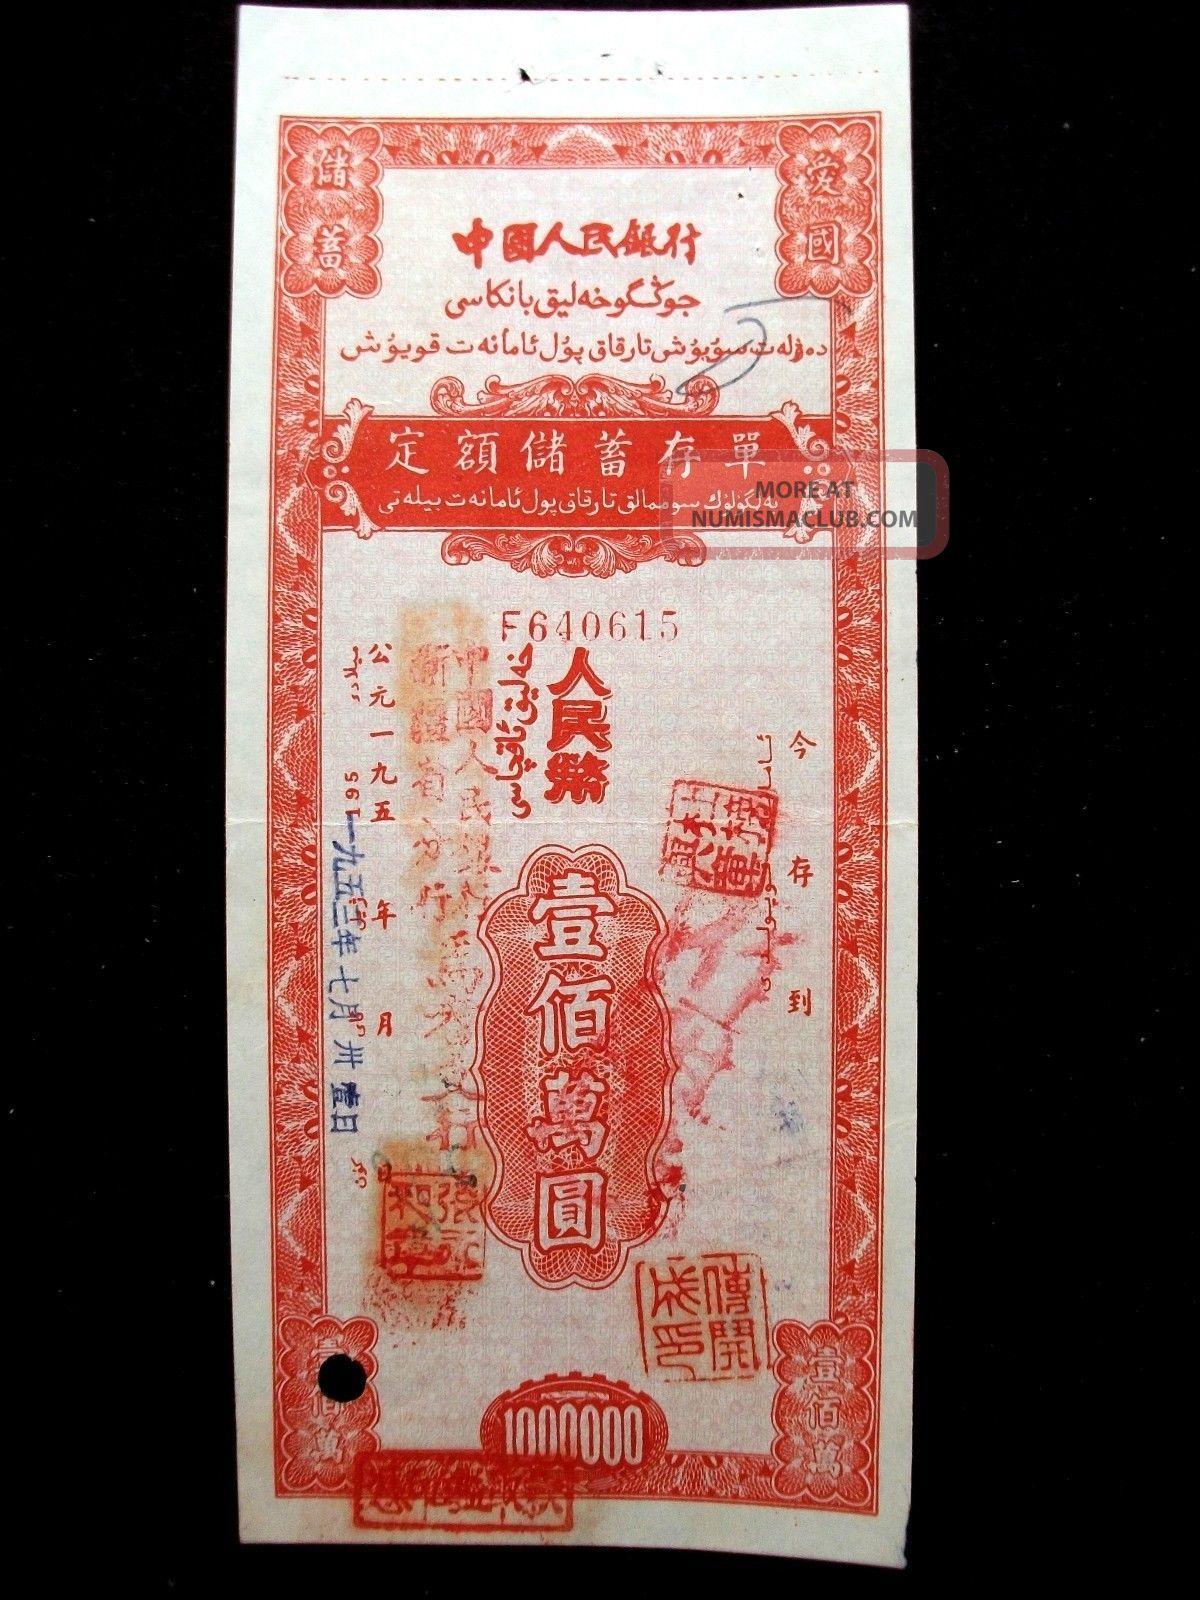 Mb39 (2) China Sinkiang 1953 Xinjiang People ' S Bank 1,  000,  000 Yuan Savings Bond World photo